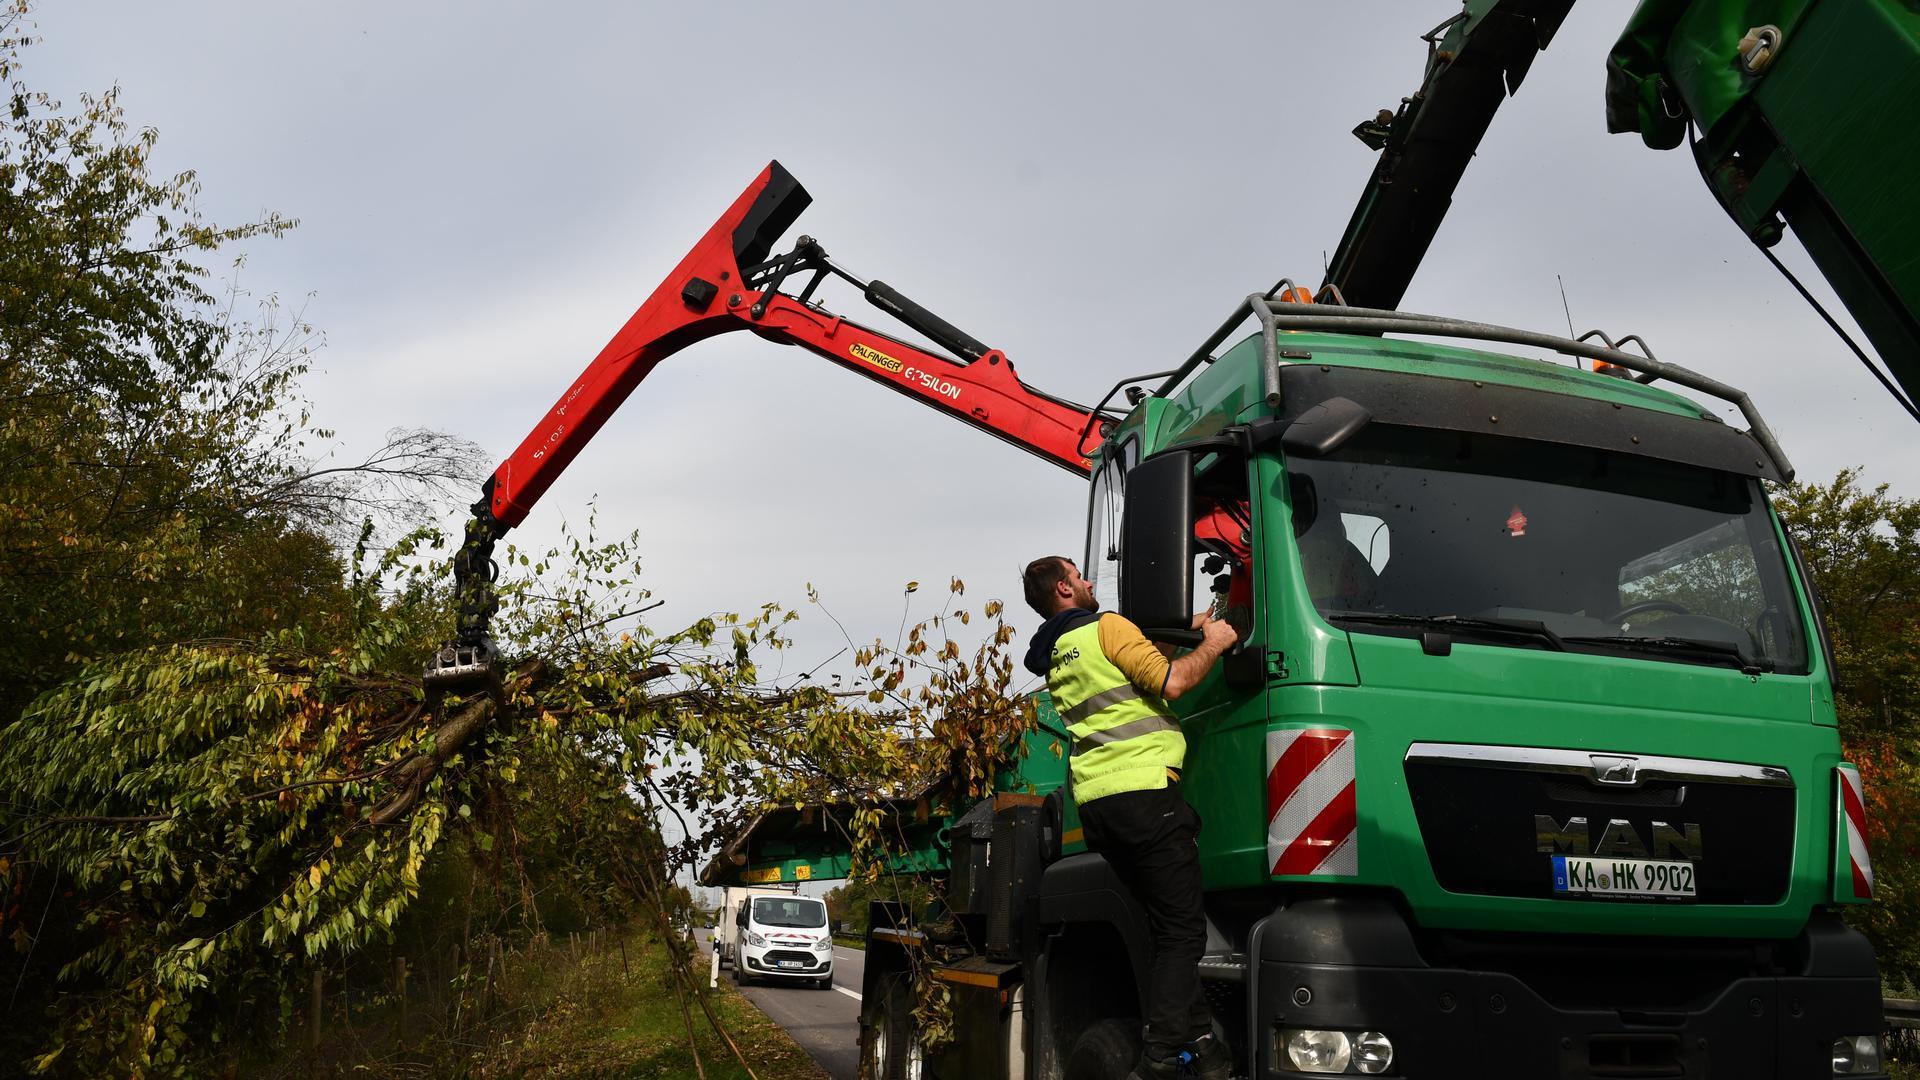 Ein Greifer packt abgeschnittene Bäume am Wegrand und führt sie in den Holzhacker.